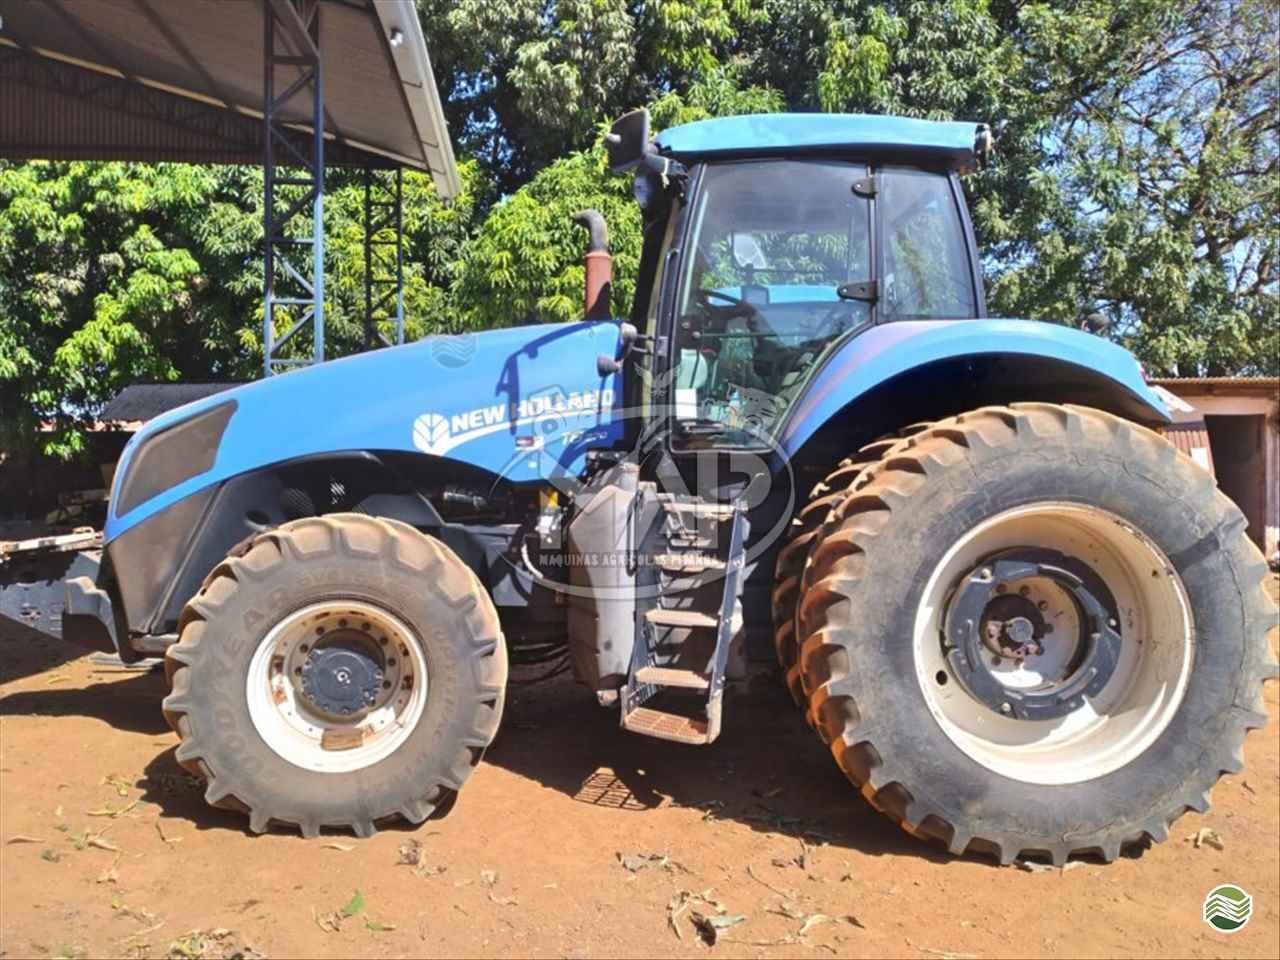 TRATOR NEW HOLLAND NEW T8 270 Tração 4x4 Máquinas Agrícolas Pitanga PITANGA PARANÁ PR